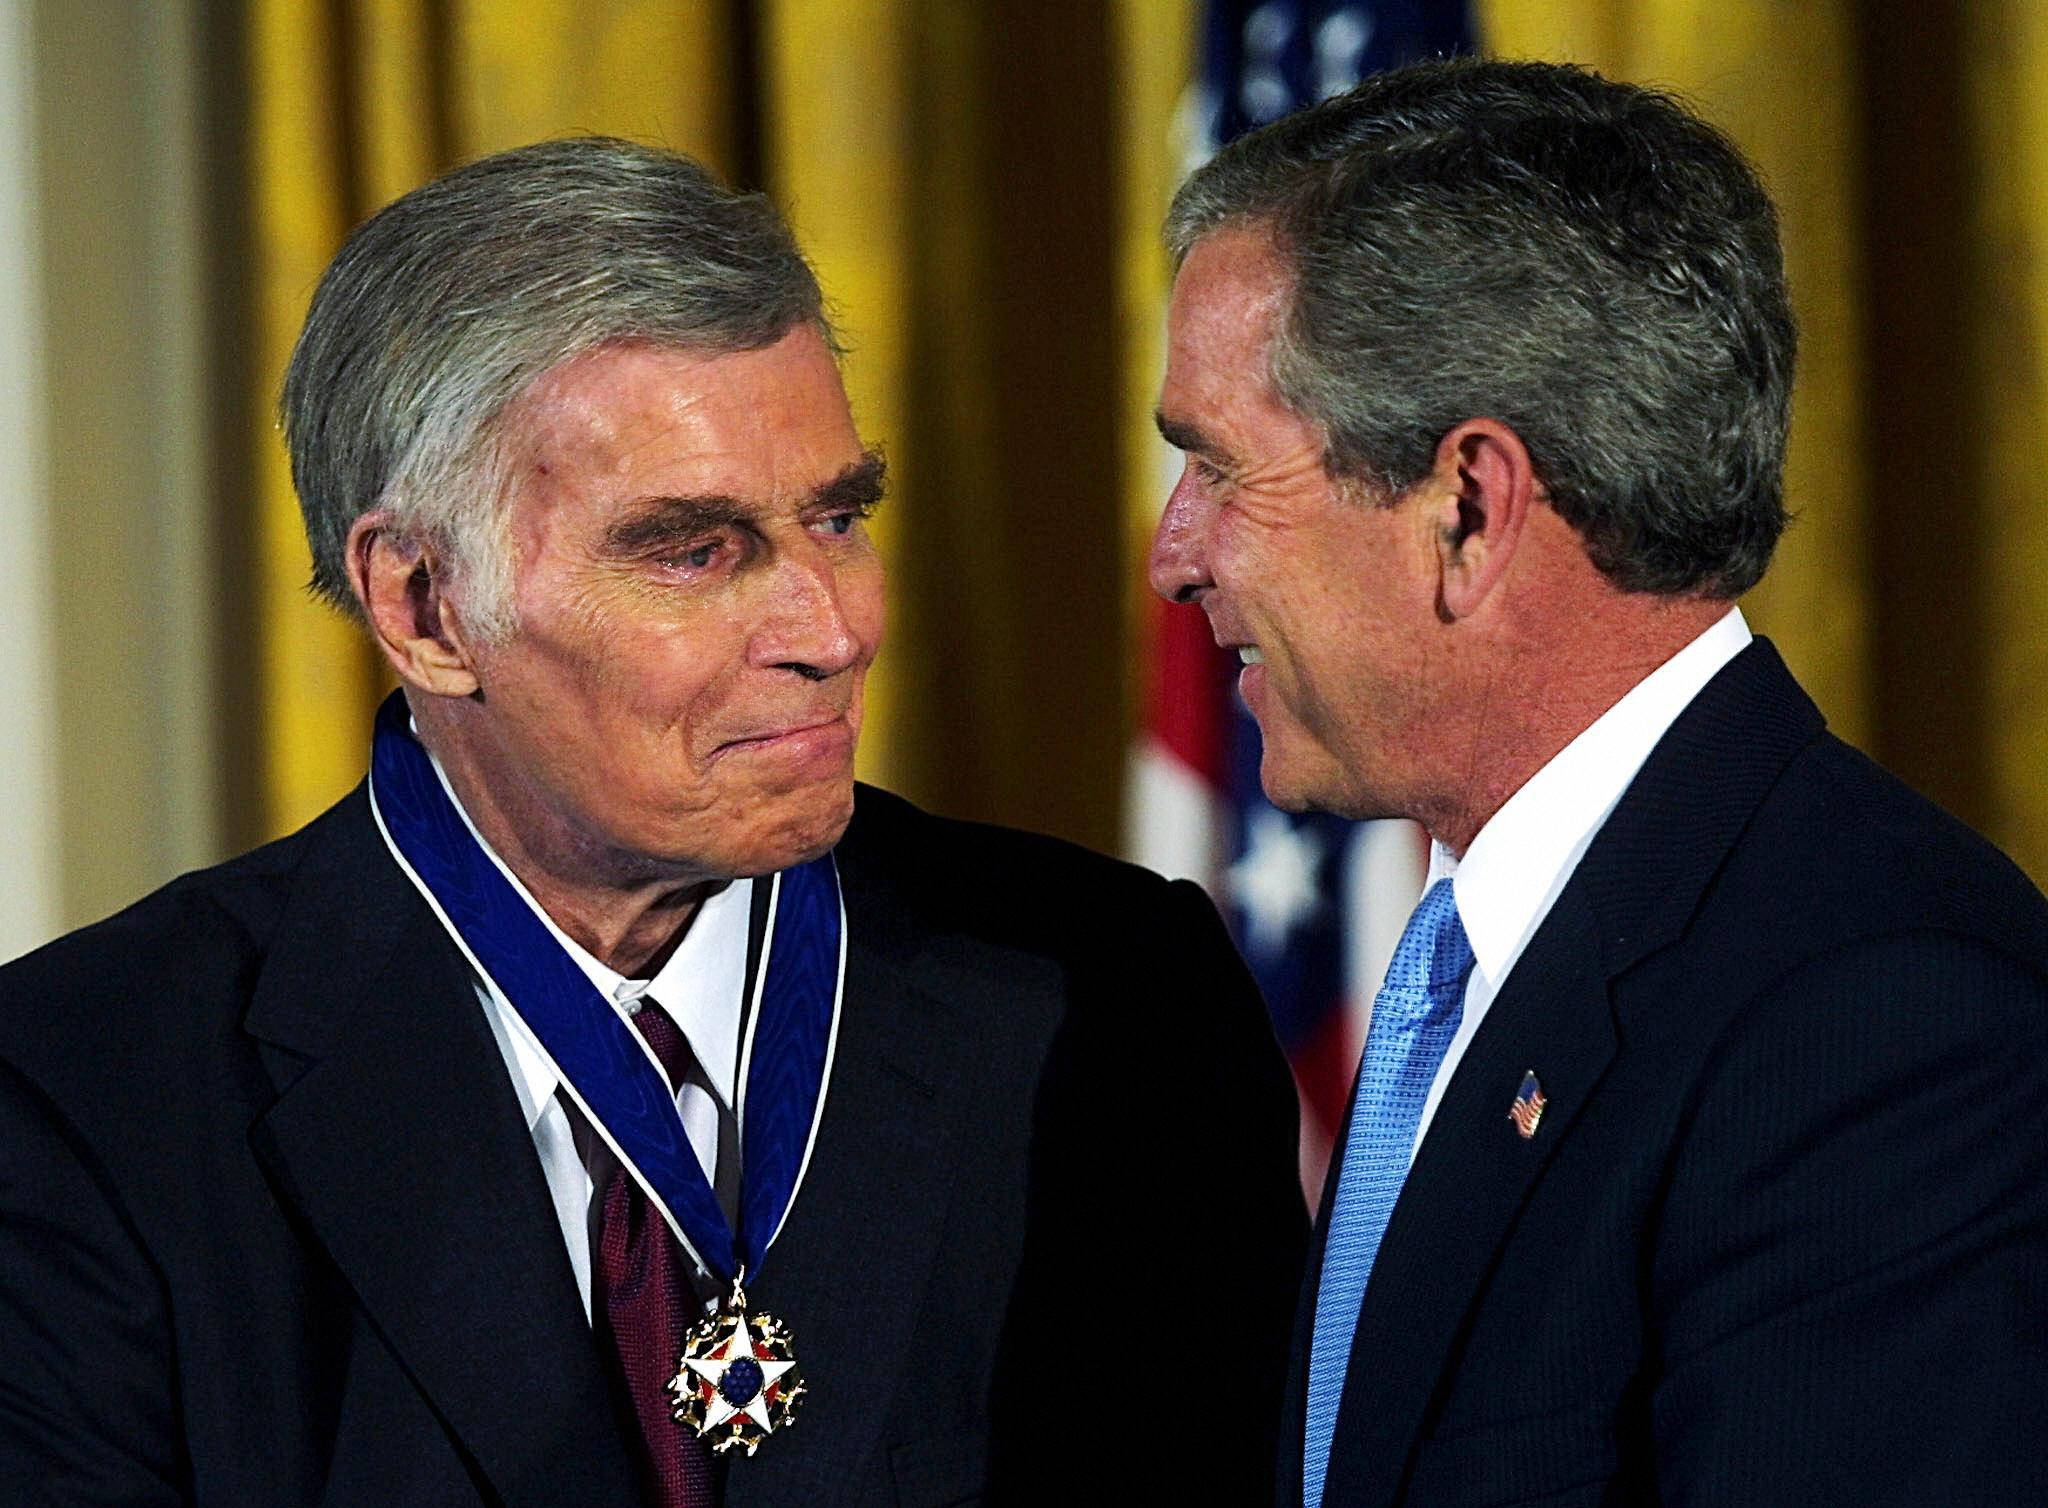 卻爾登希斯頓2003年7月23日在白宮接受布希總統授予美國總統自由勳章。(Getty Images)